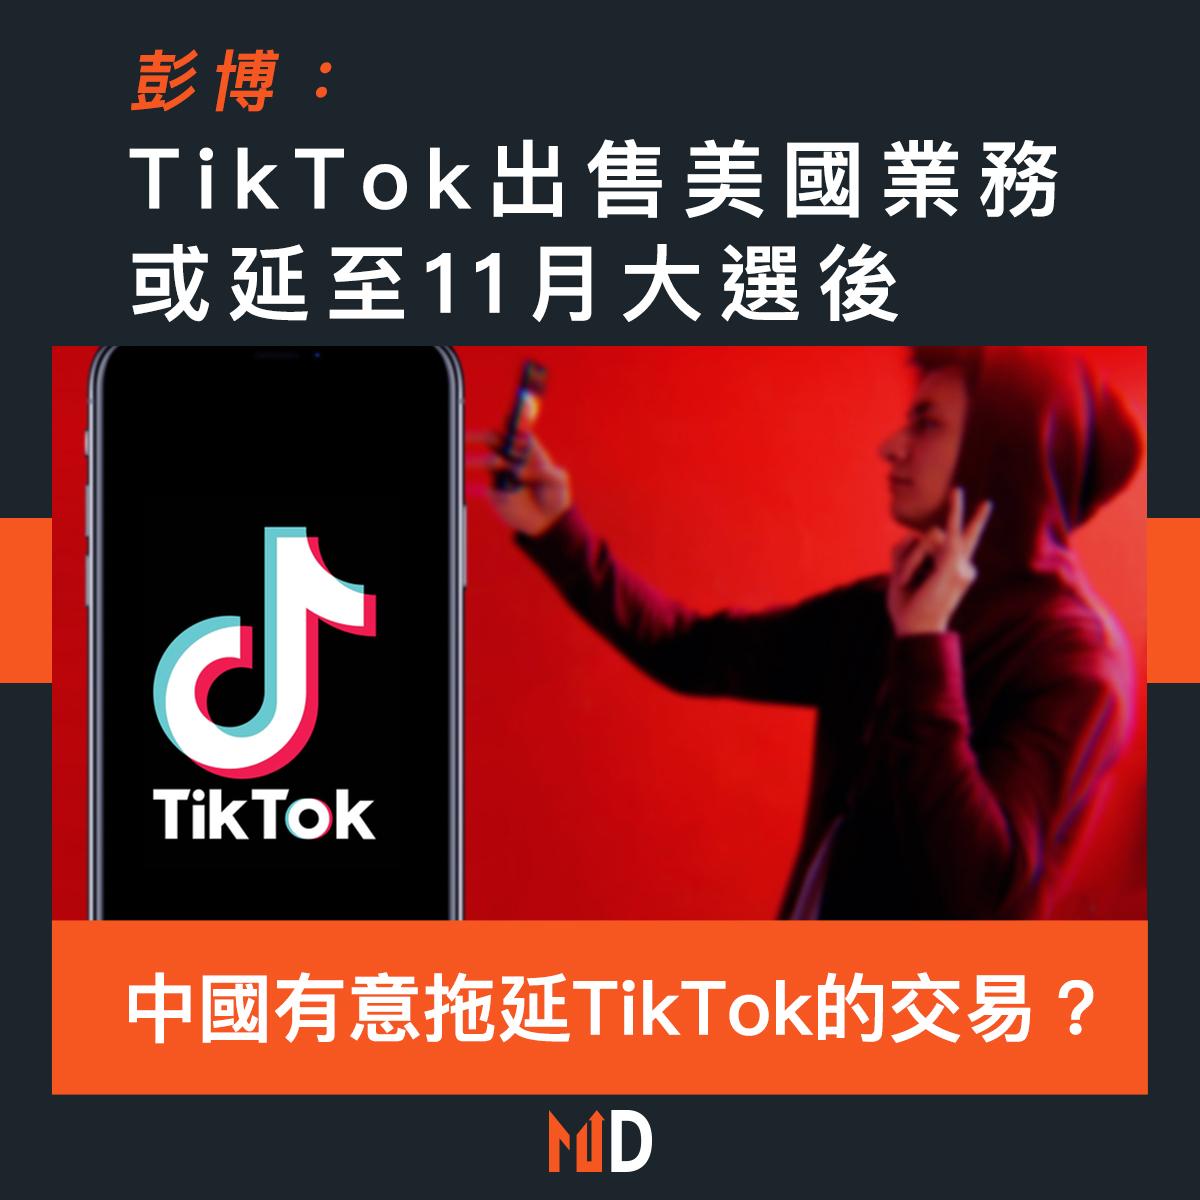 【市場熱話】彭博:TikTok出售美國業務或延至11月大選後